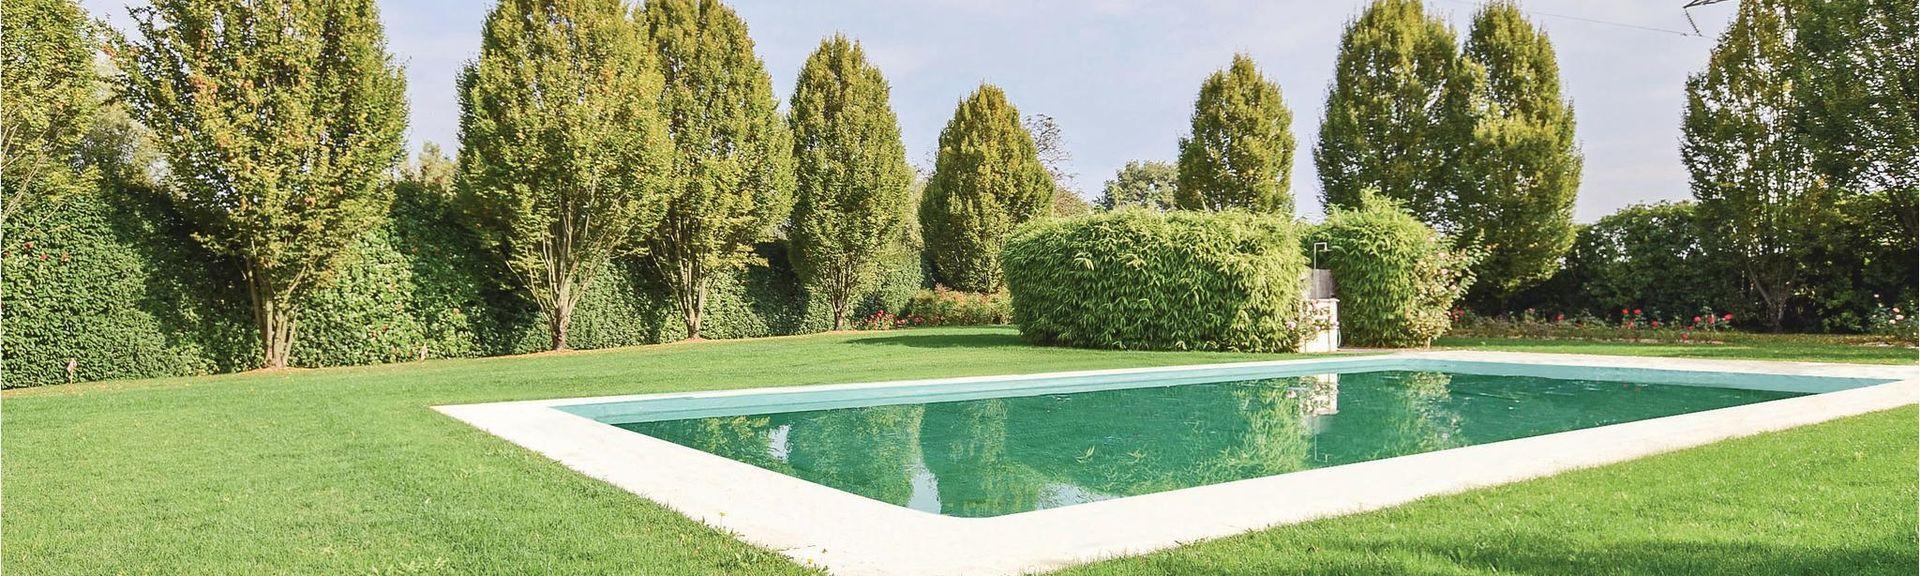 Torri di Quartesolo, Vicenza, Veneto, Italy